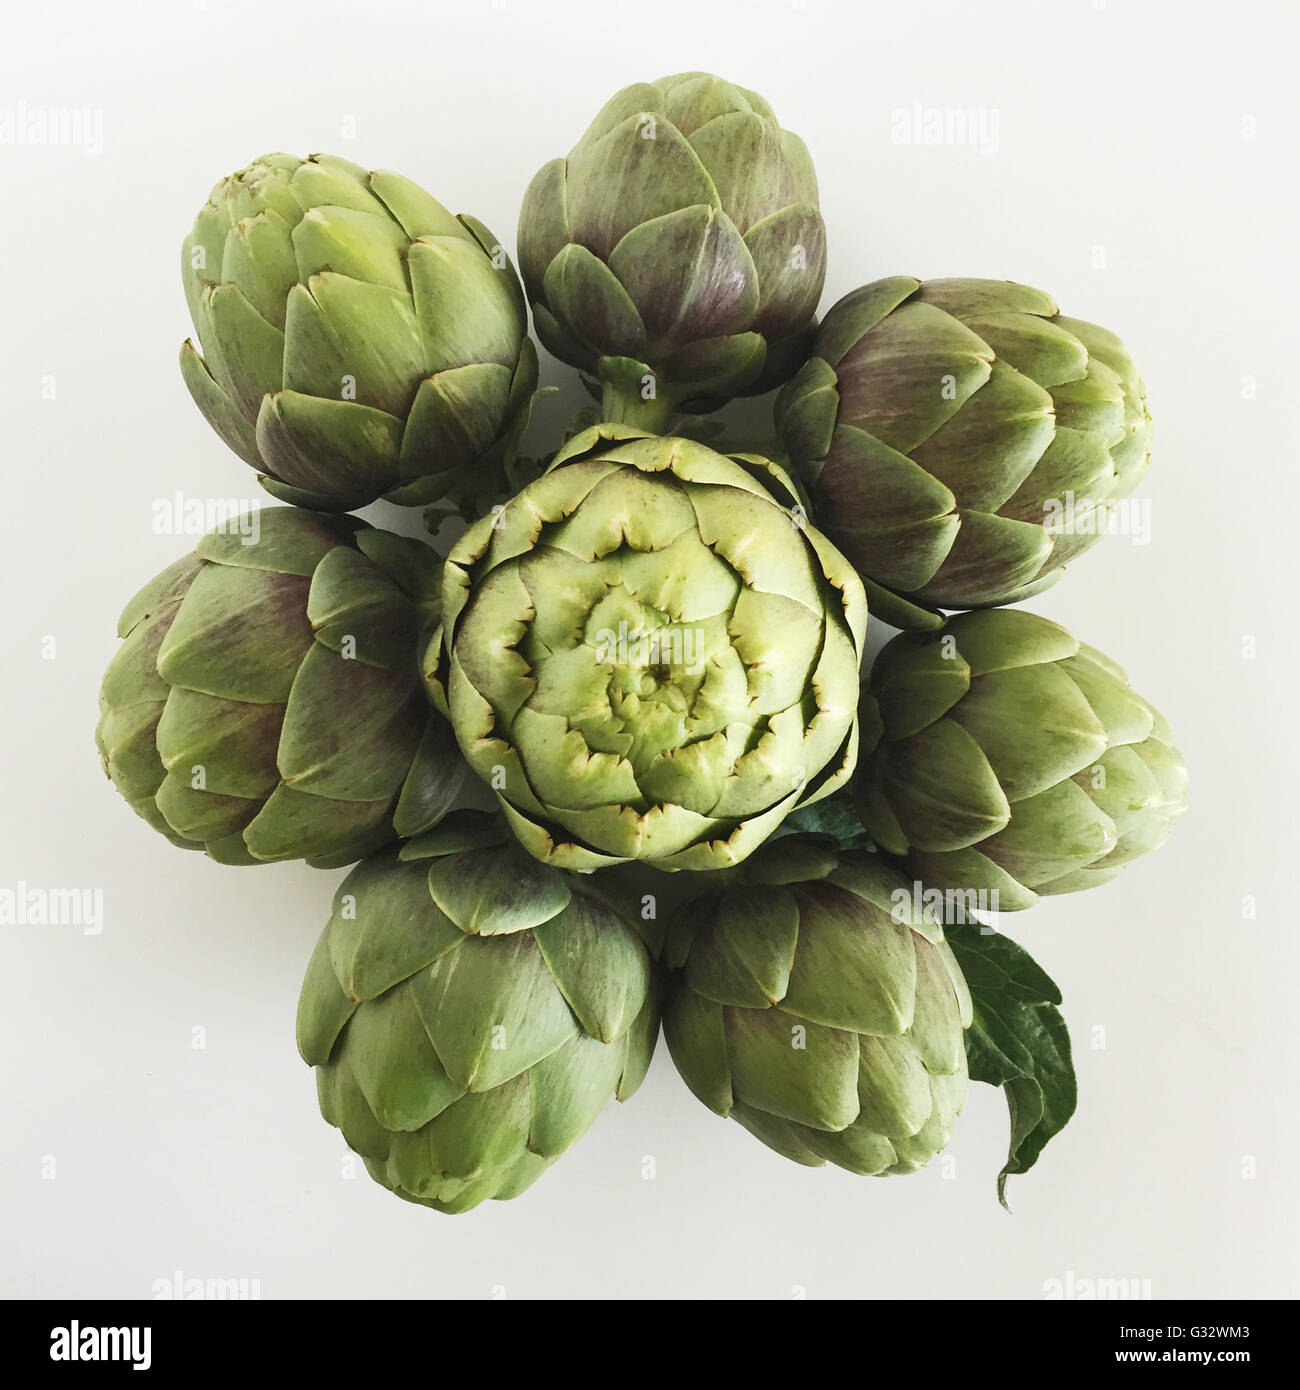 Artichokes in a flower pattern - Stock Image